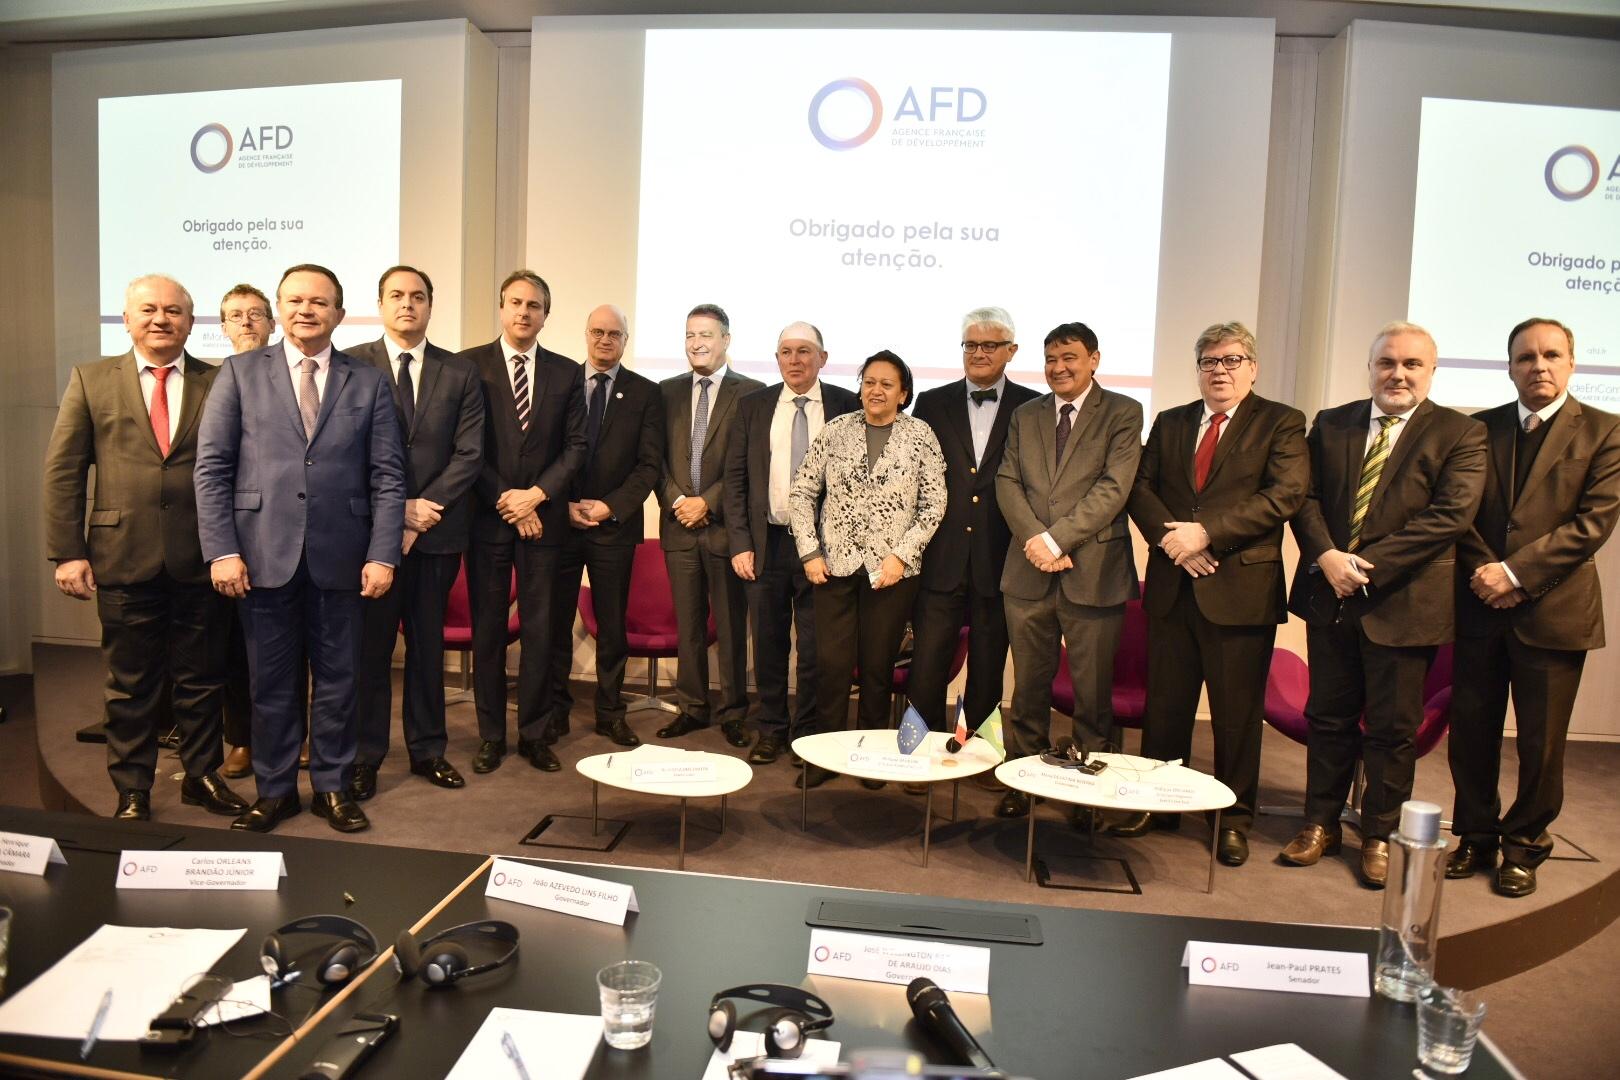 Governadores do NE discutem financiamento de projetos com a França - Imagem 3